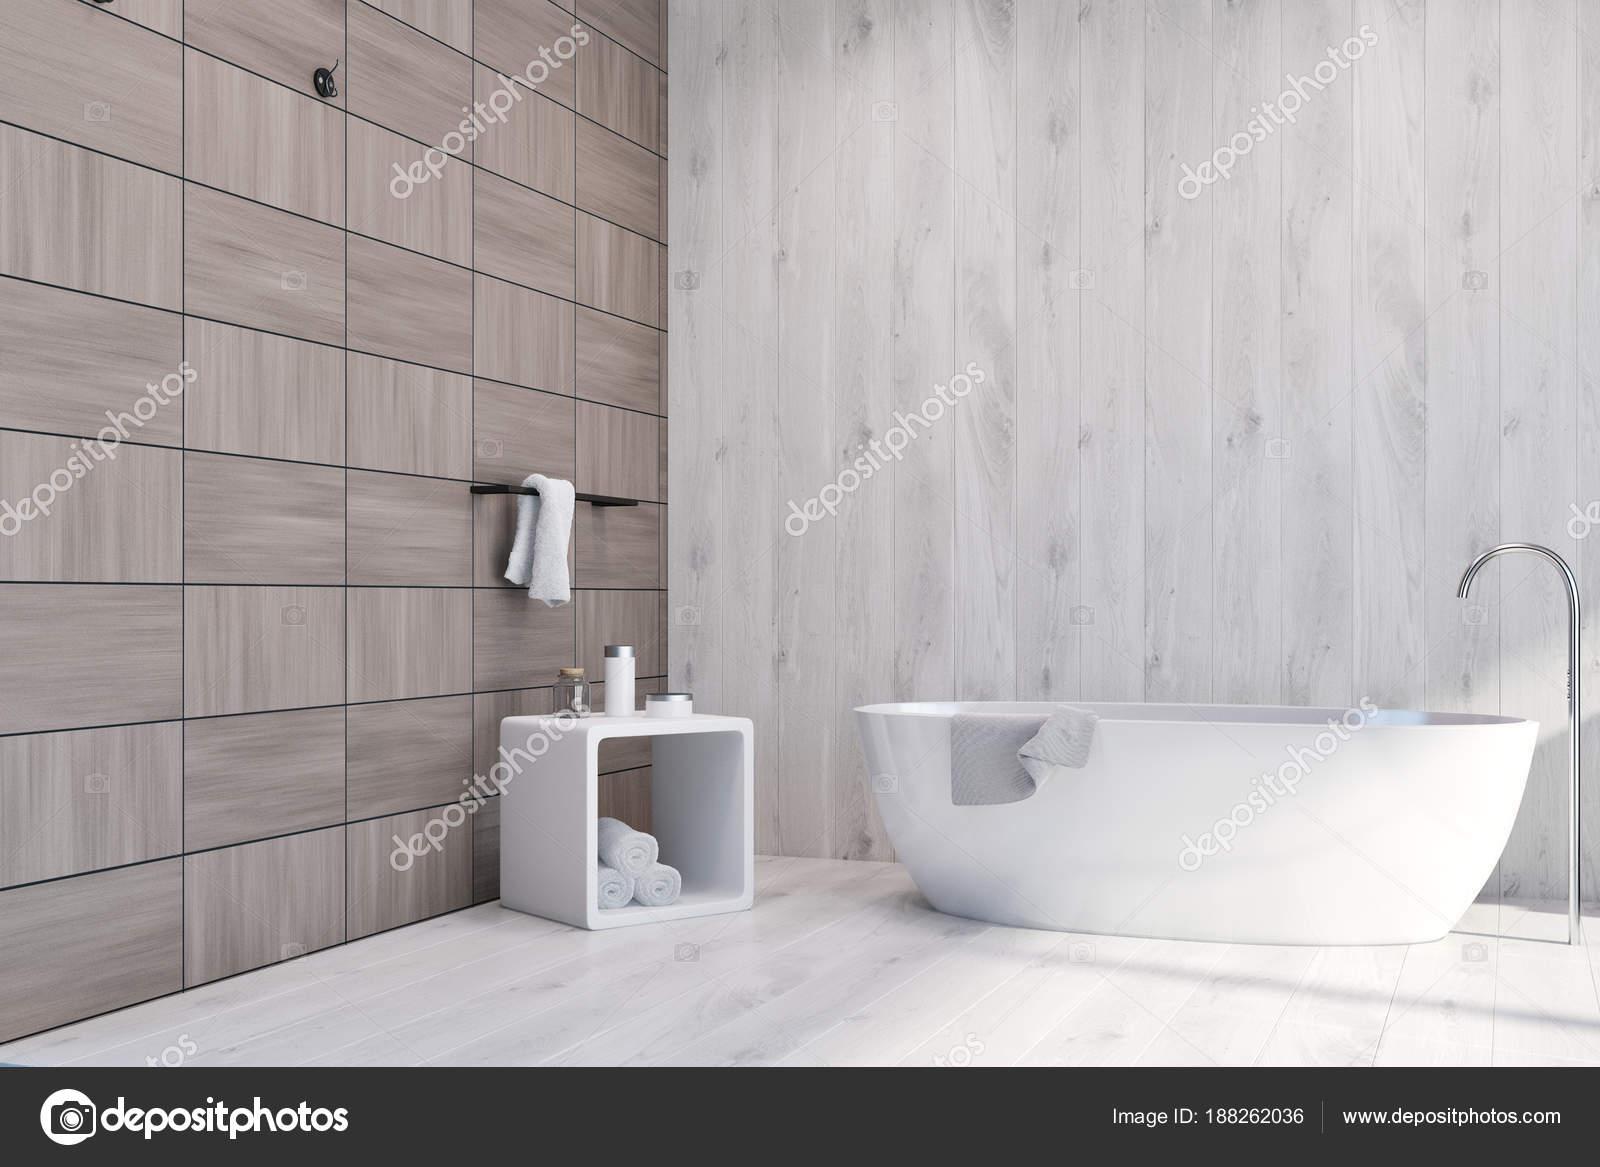 Braun Weiß Und Holz Fliesen Bad U2014 Stockfoto